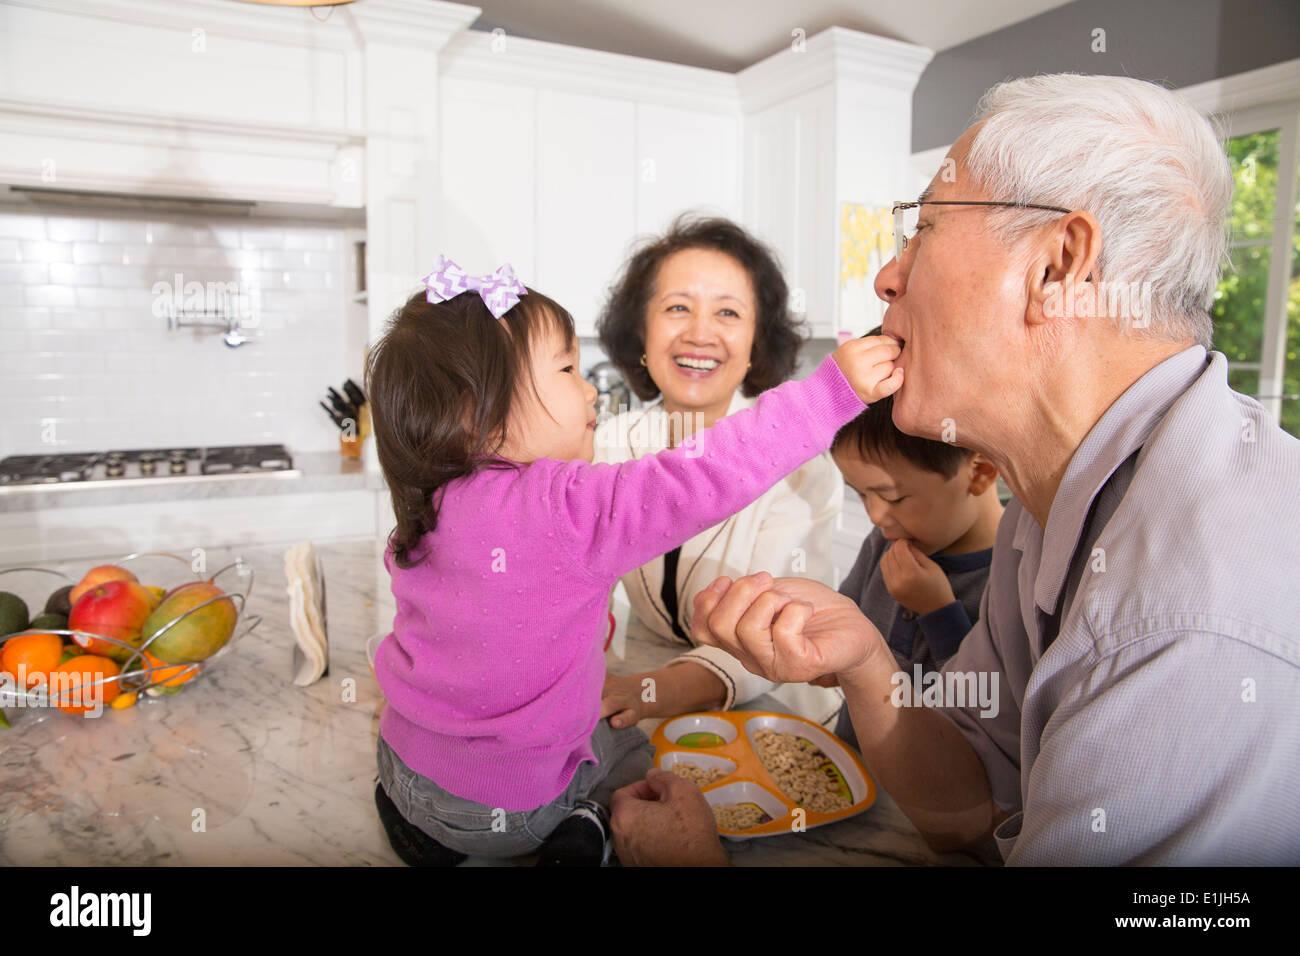 Les repas des tout-petits de sexe féminin à grand-père en cuisine snack Photo Stock